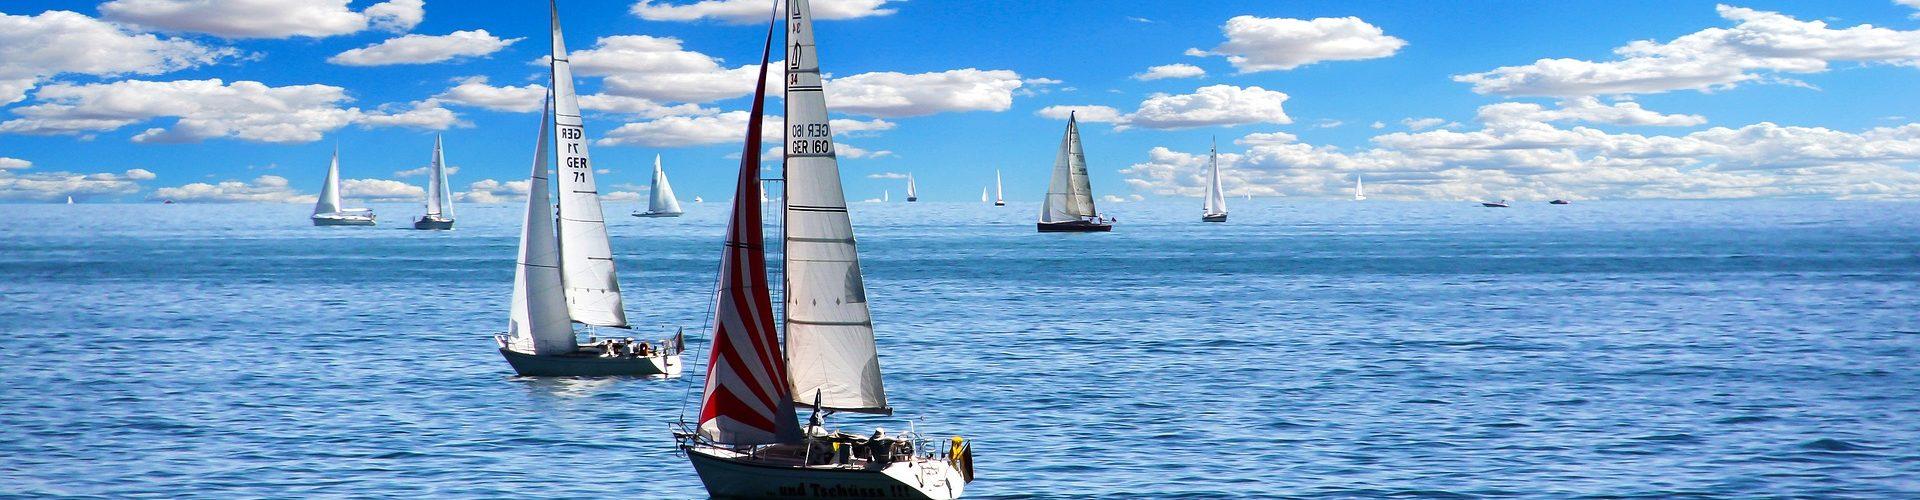 segeln lernen in Werne segelschein machen in Werne 1920x500 - Segeln lernen in Werne